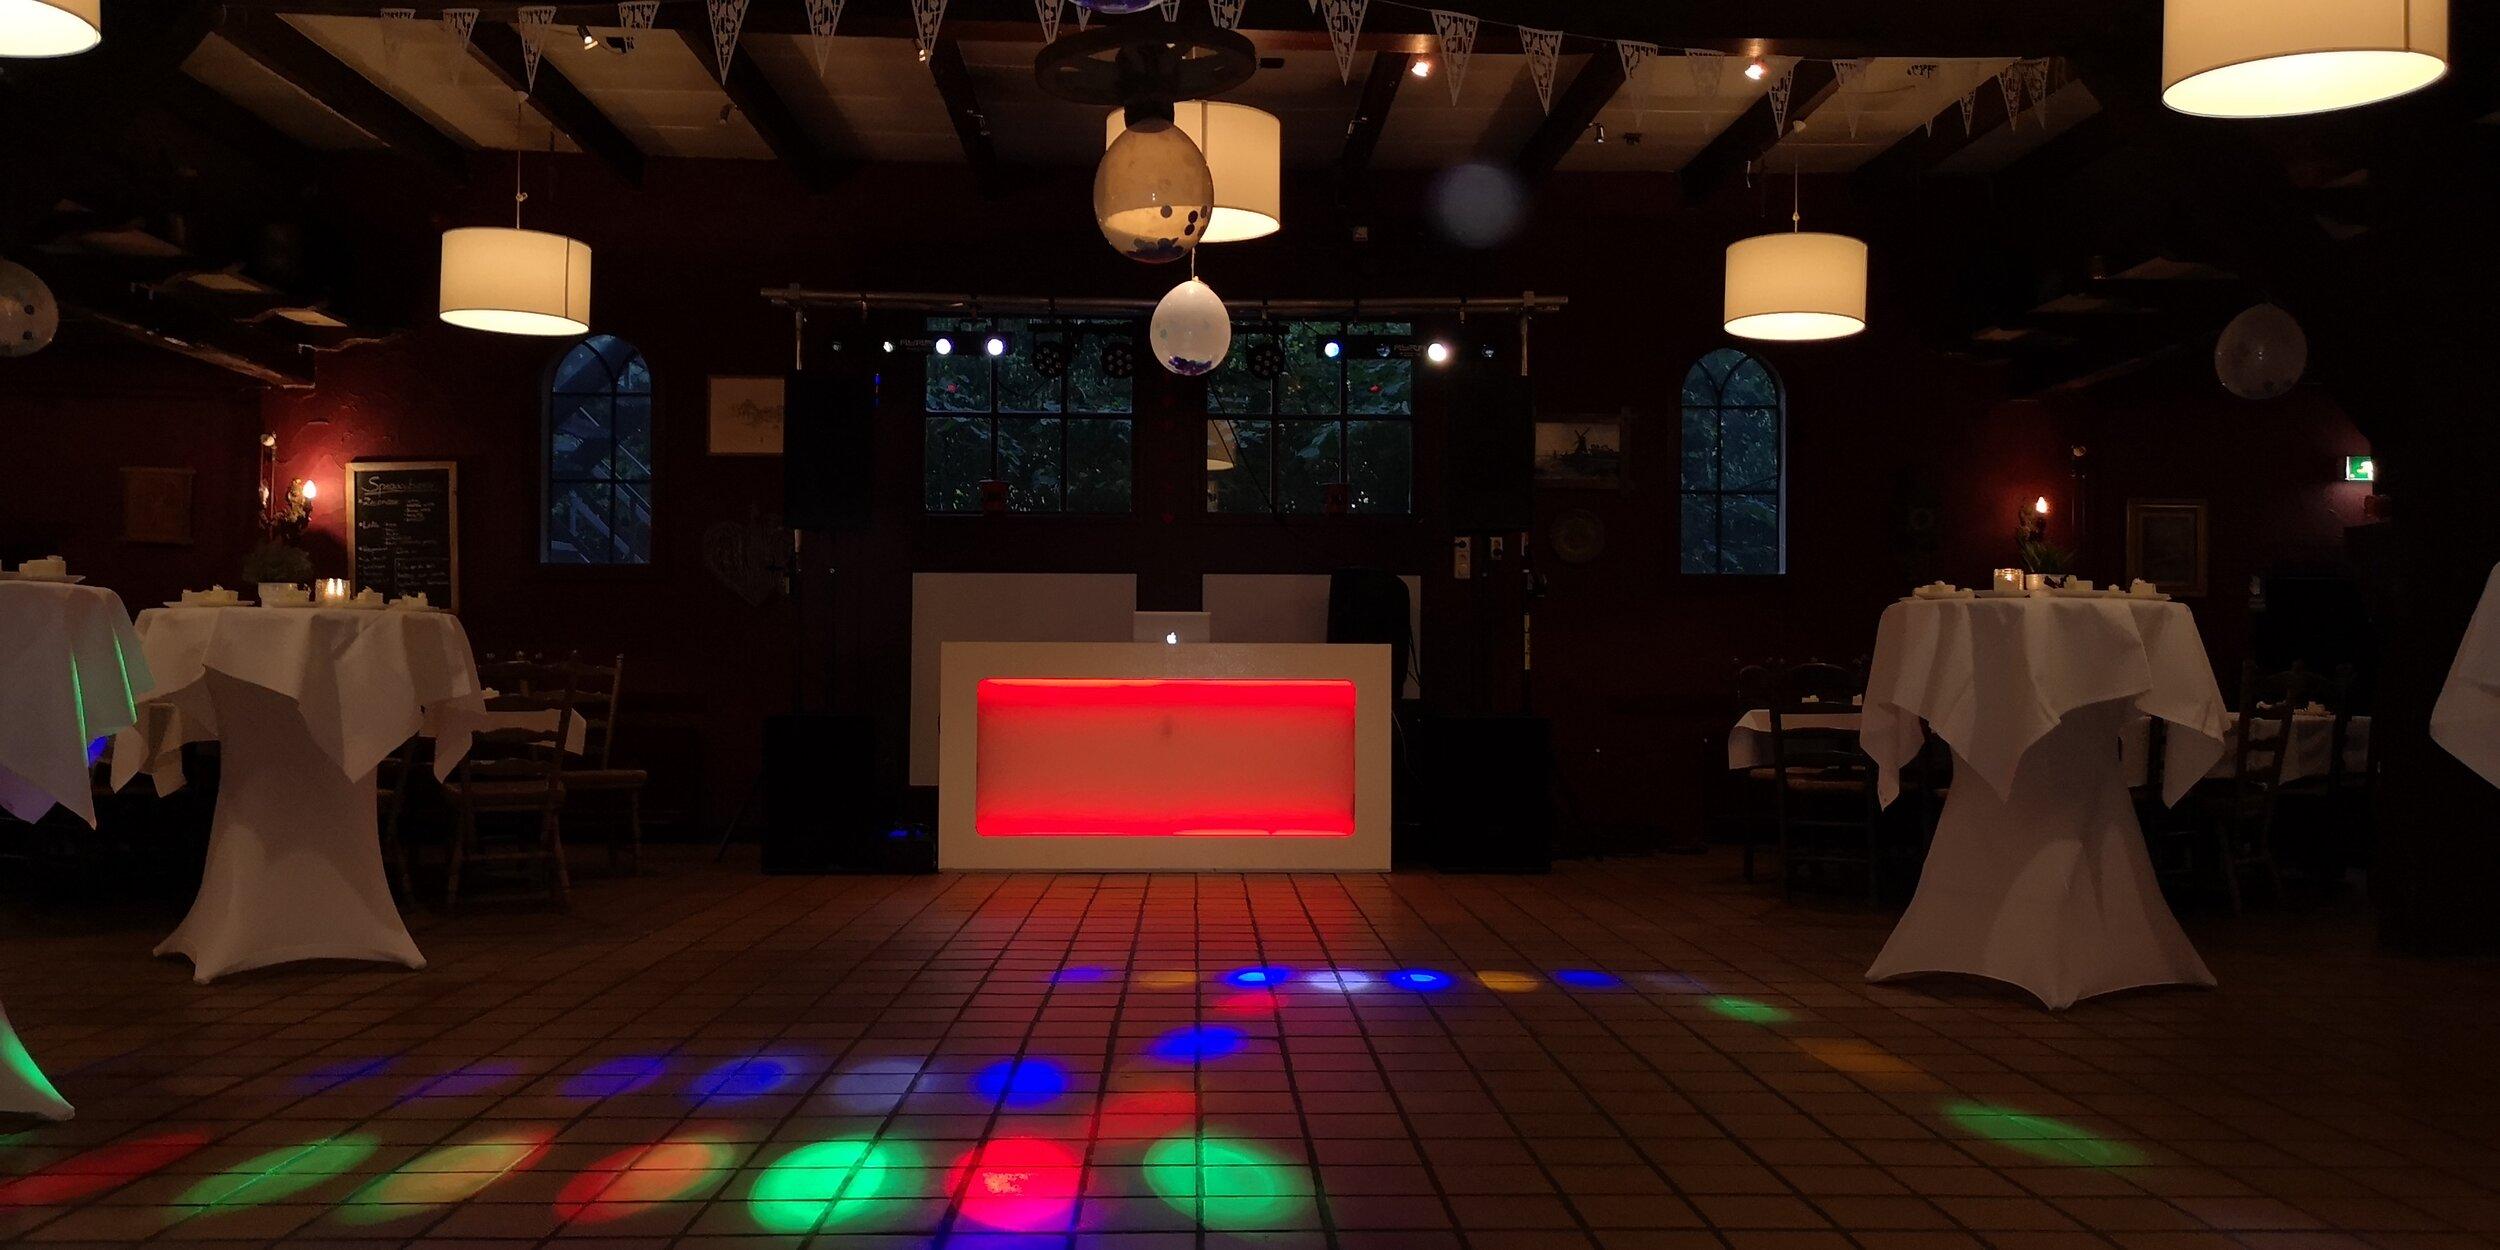 DJ-inhuren-feest-apparatuur-12.jpg